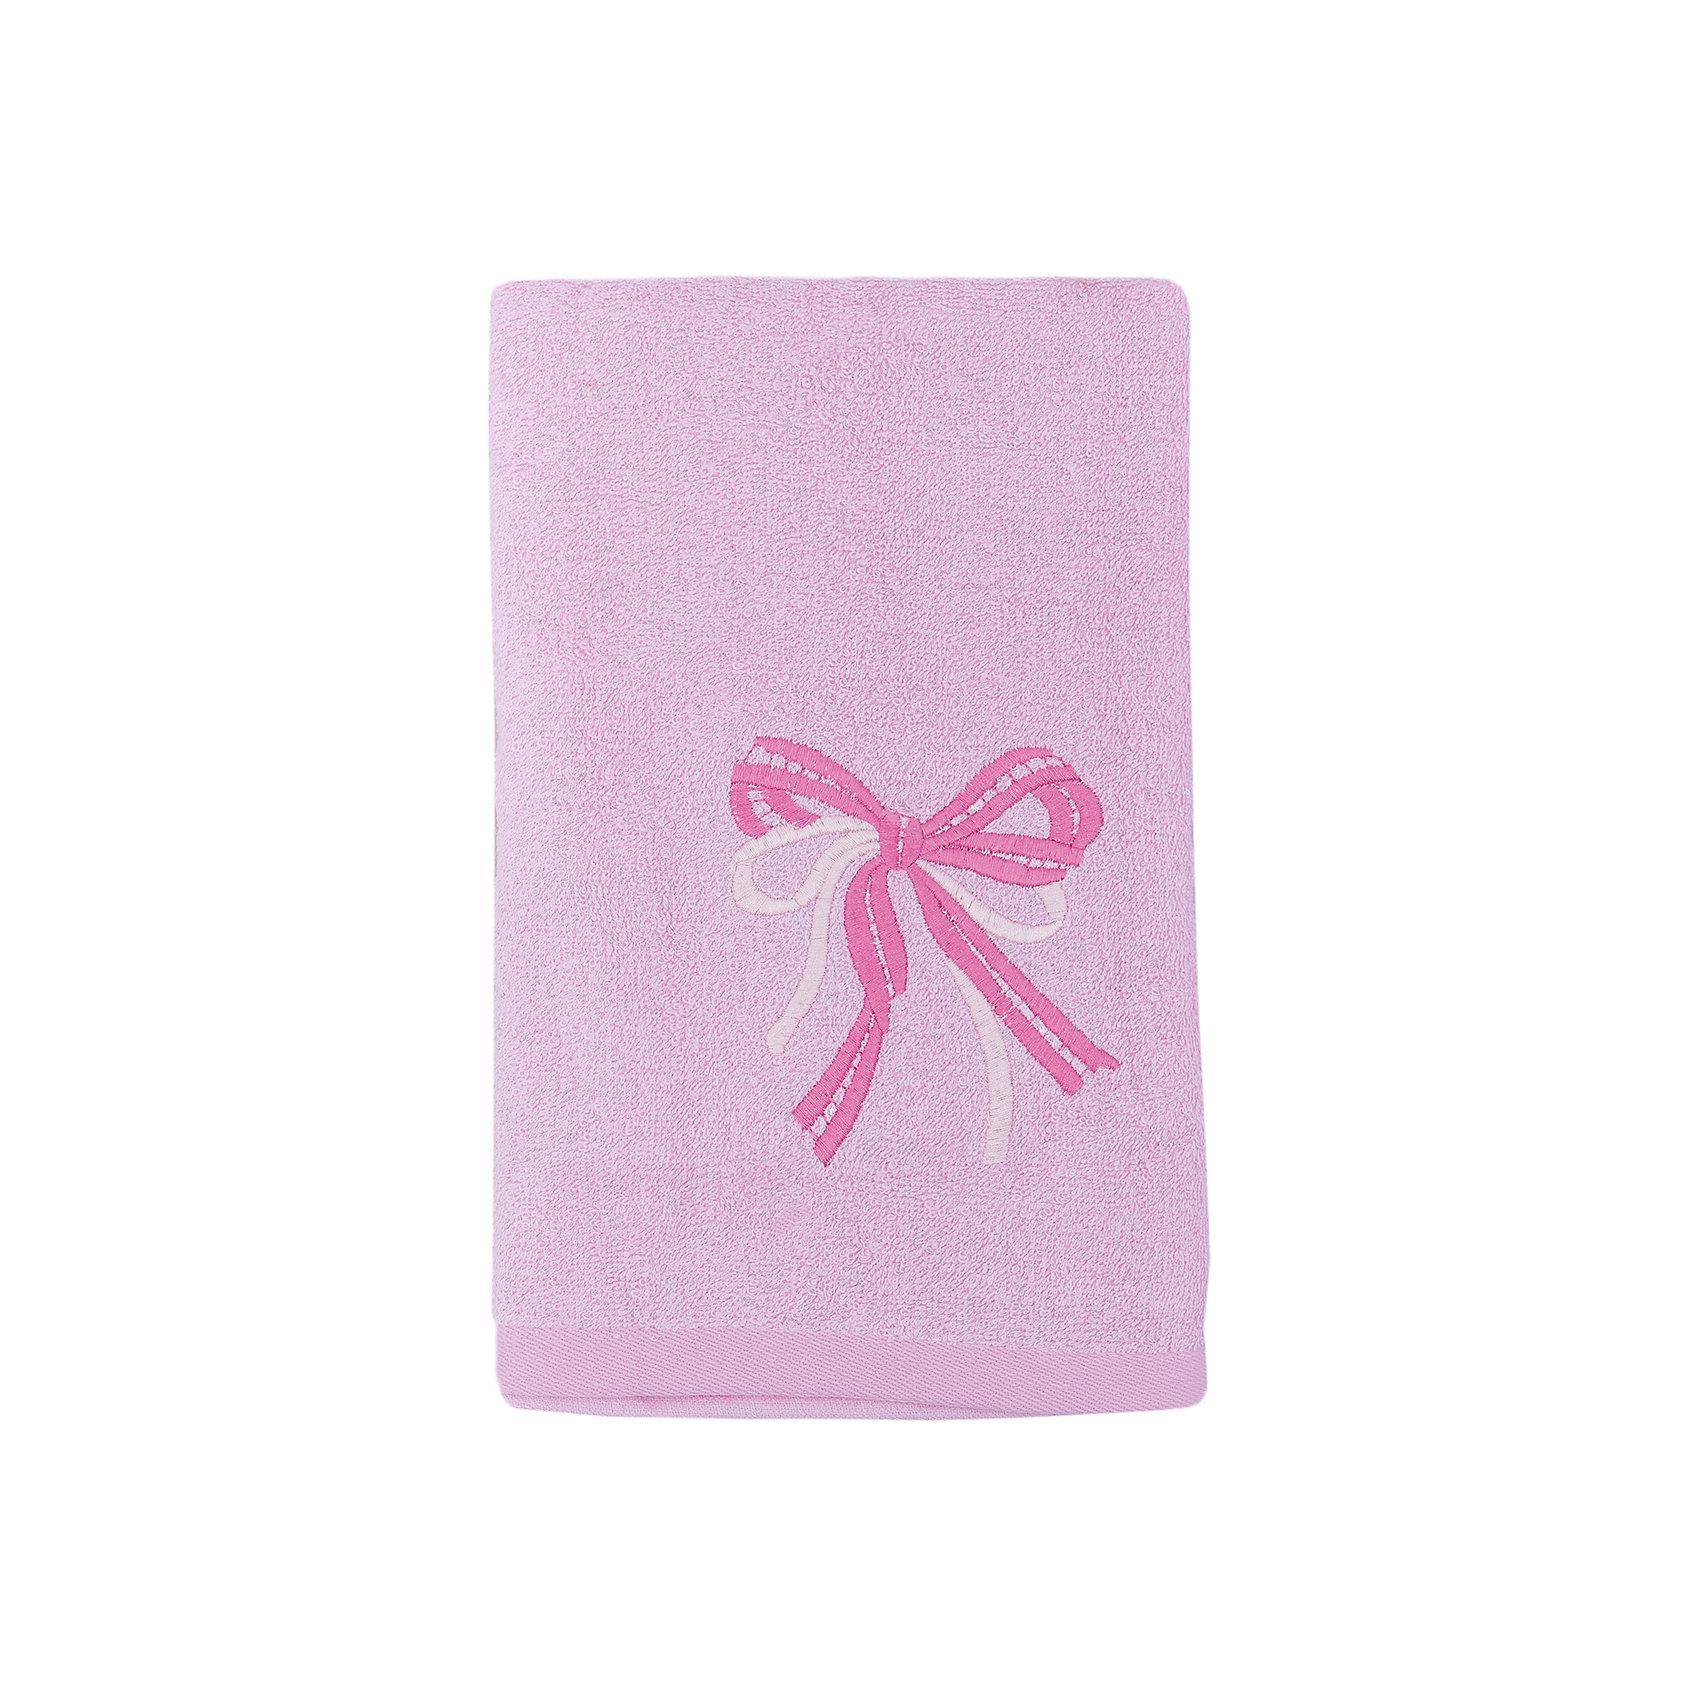 Любимый дом Полотенце махровое Бантик 60*130, Любимый дом, розовый хочу купить дом в октябрьском башкирии